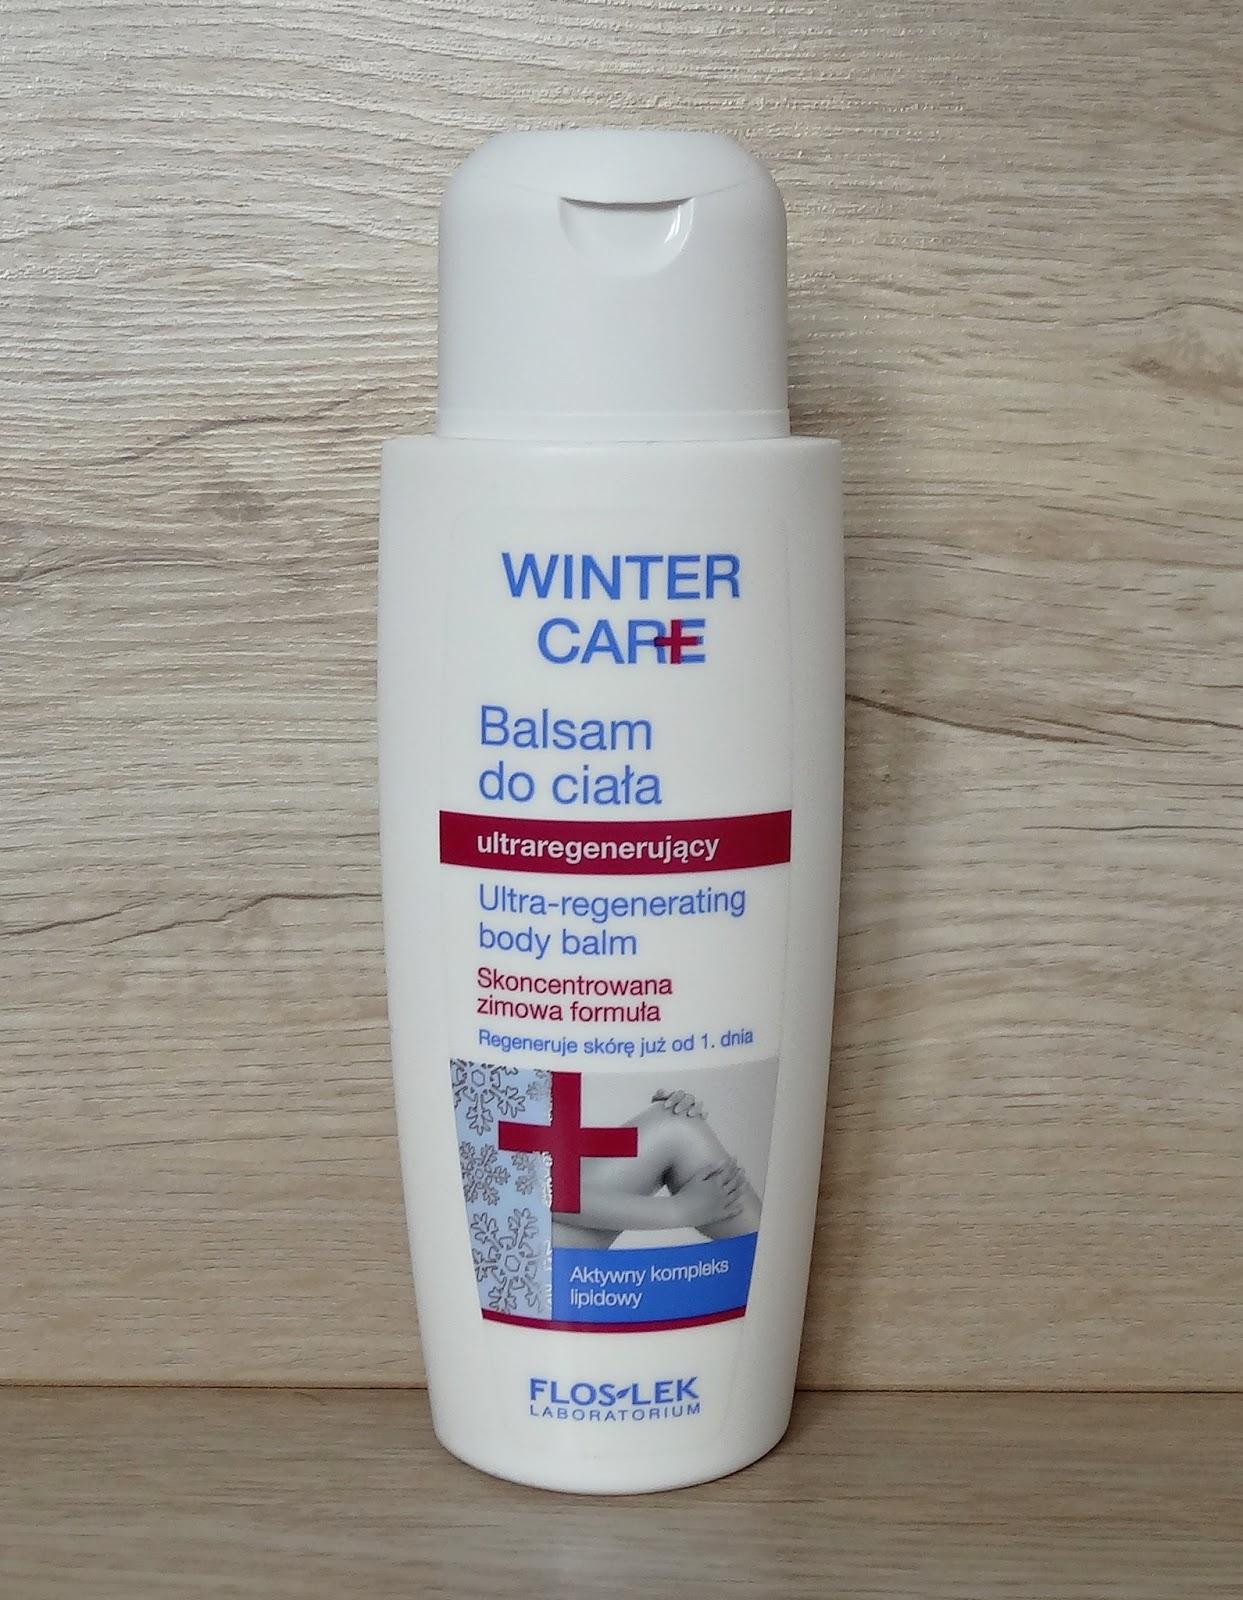 Flos Lek, Winter Care - ultraregenerujący balsam do ciała i krem zimowy do rąk i paznokci